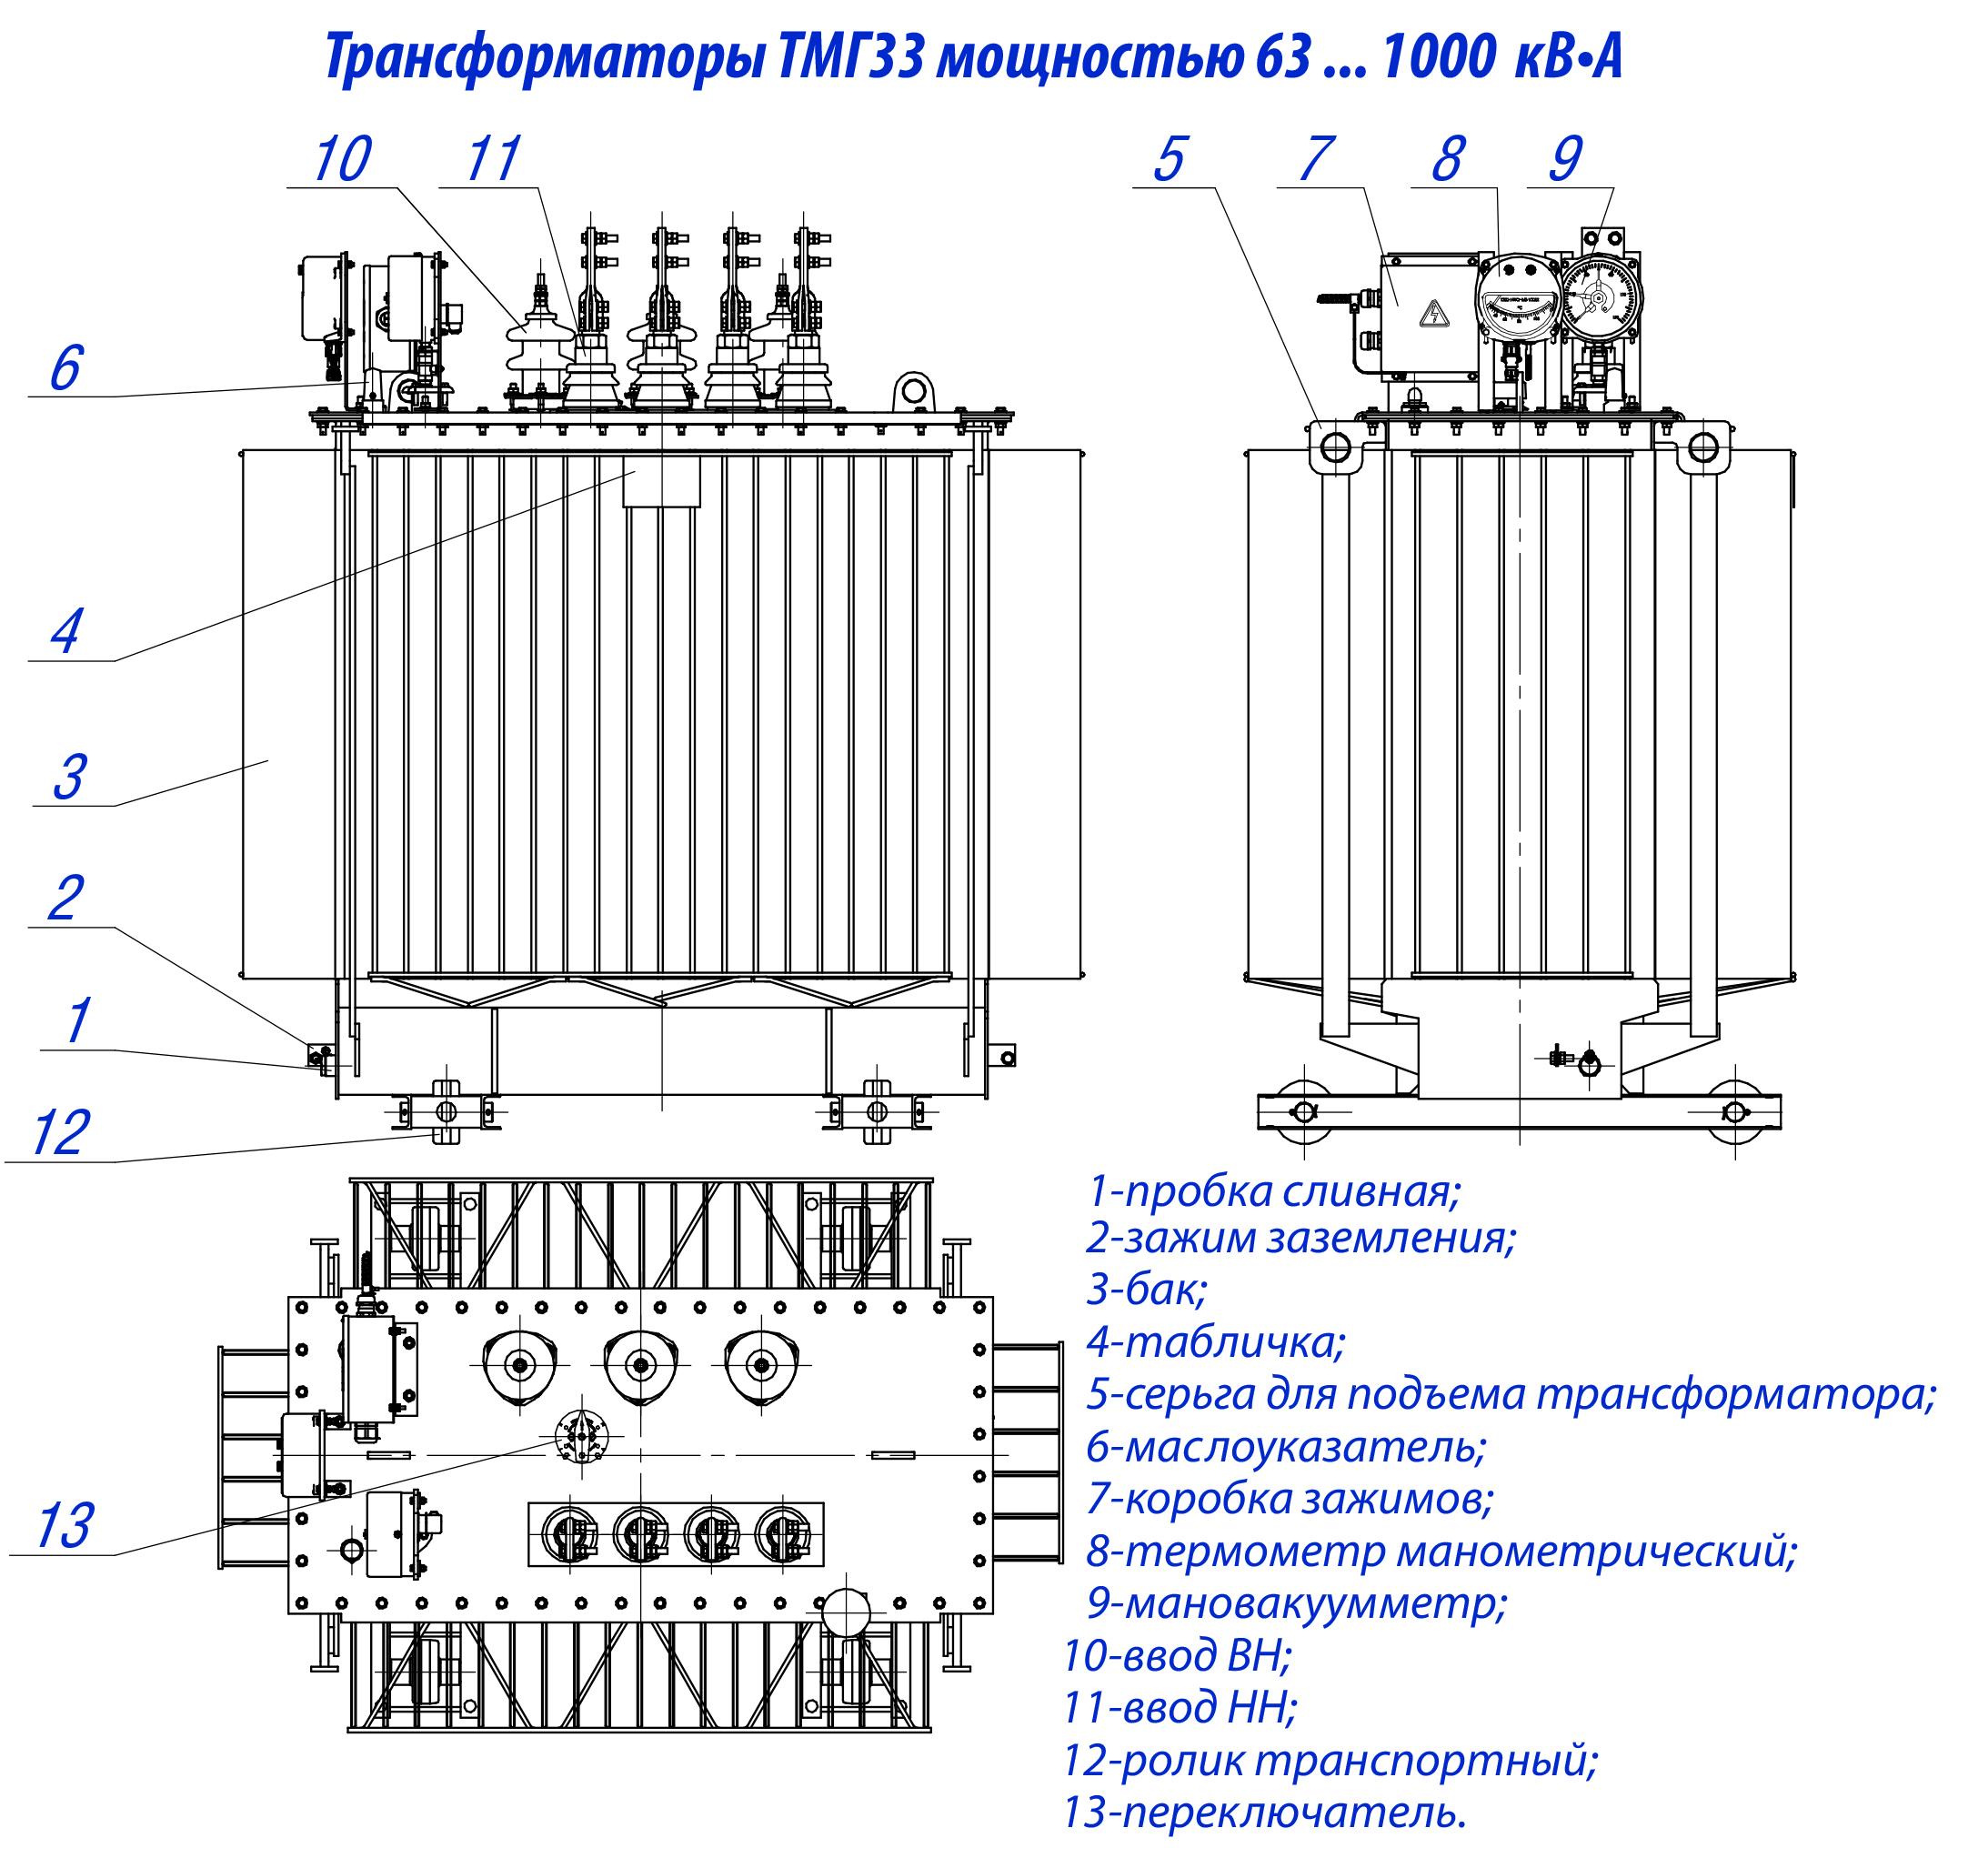 Силовые трансформаторы с расщепленной обмоткой низкого напряжения трдн